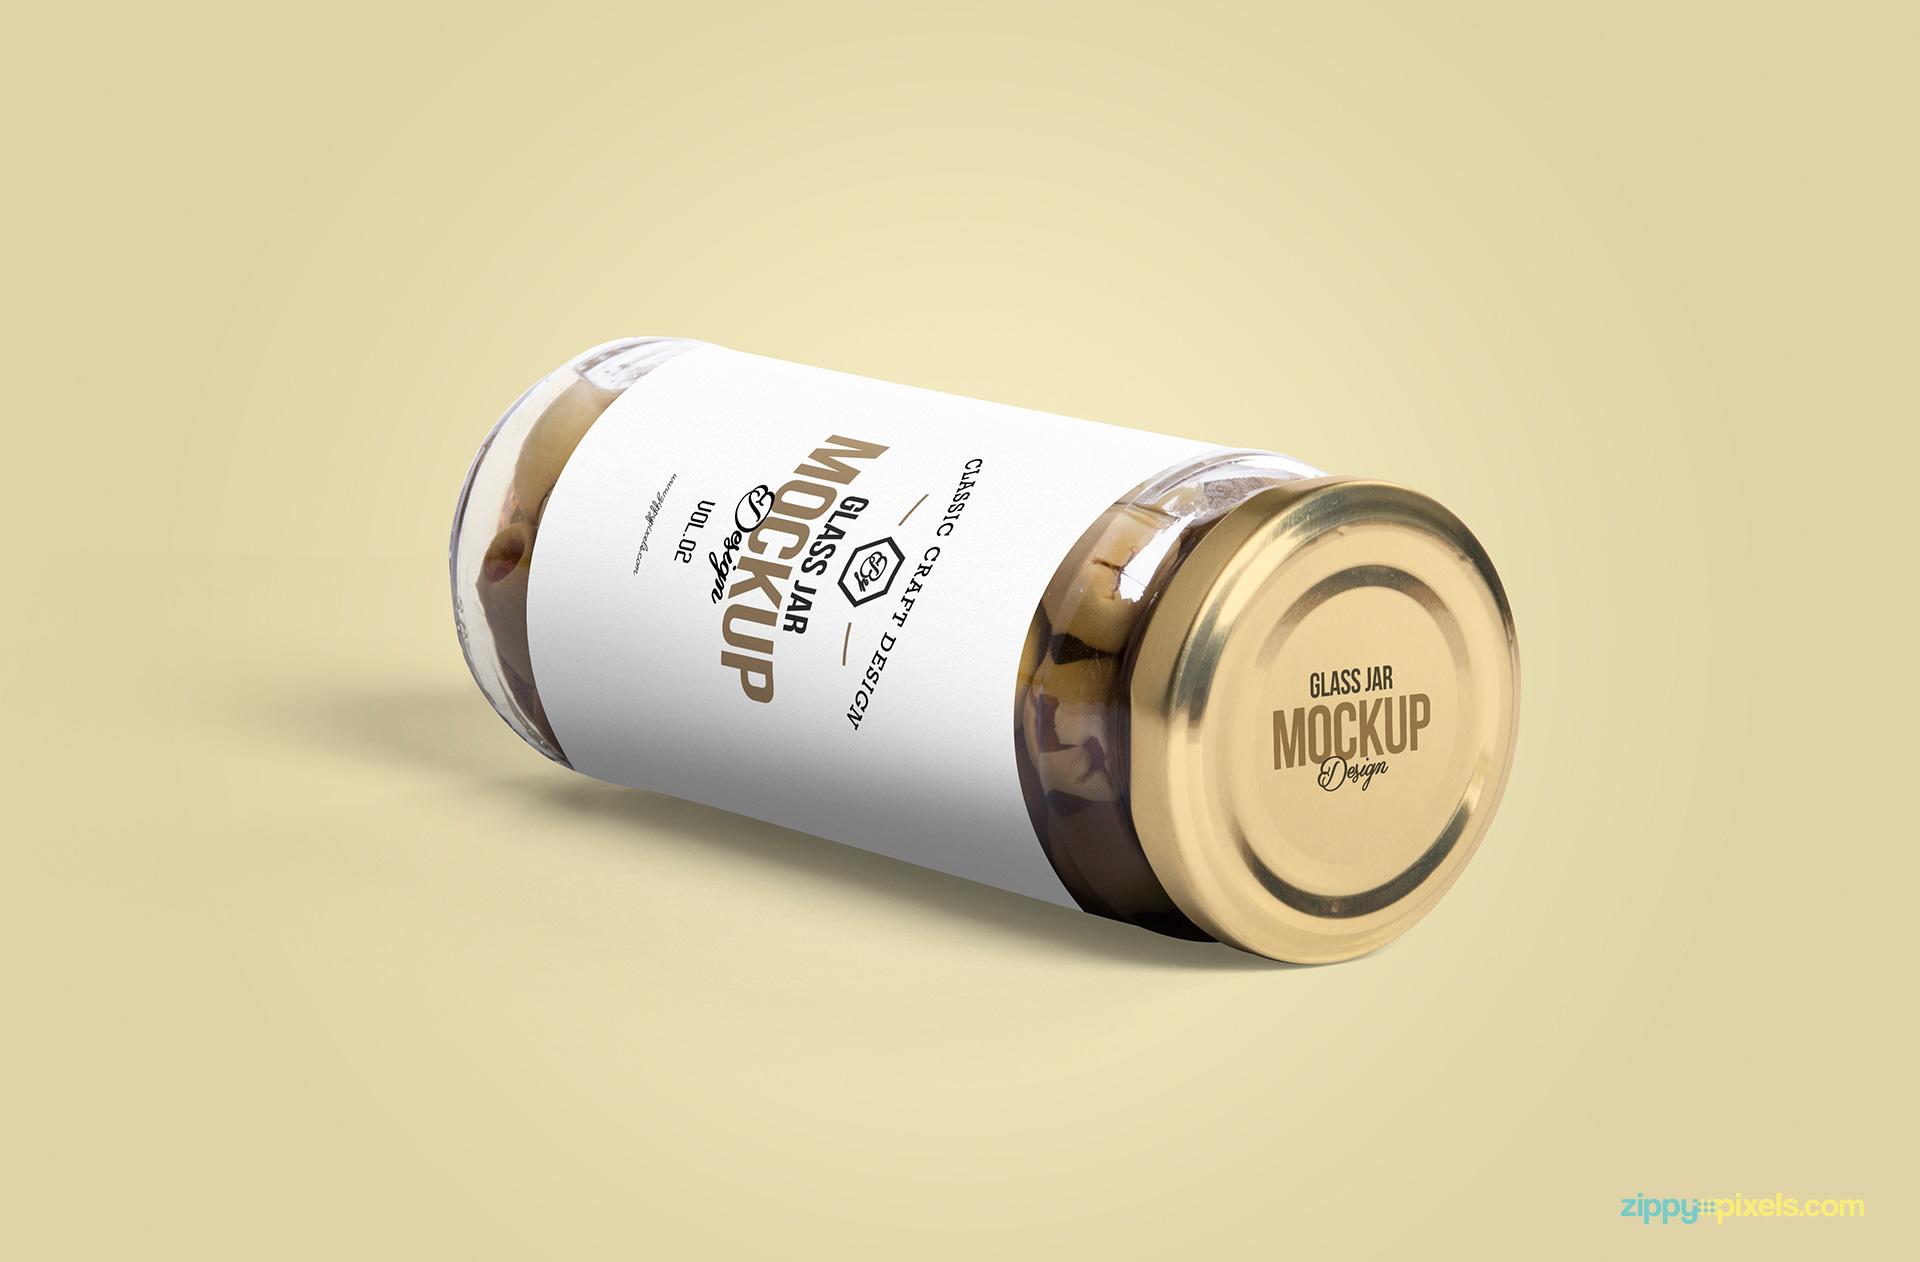 glass-jar-mocku-up-design-on-cap-and-jar